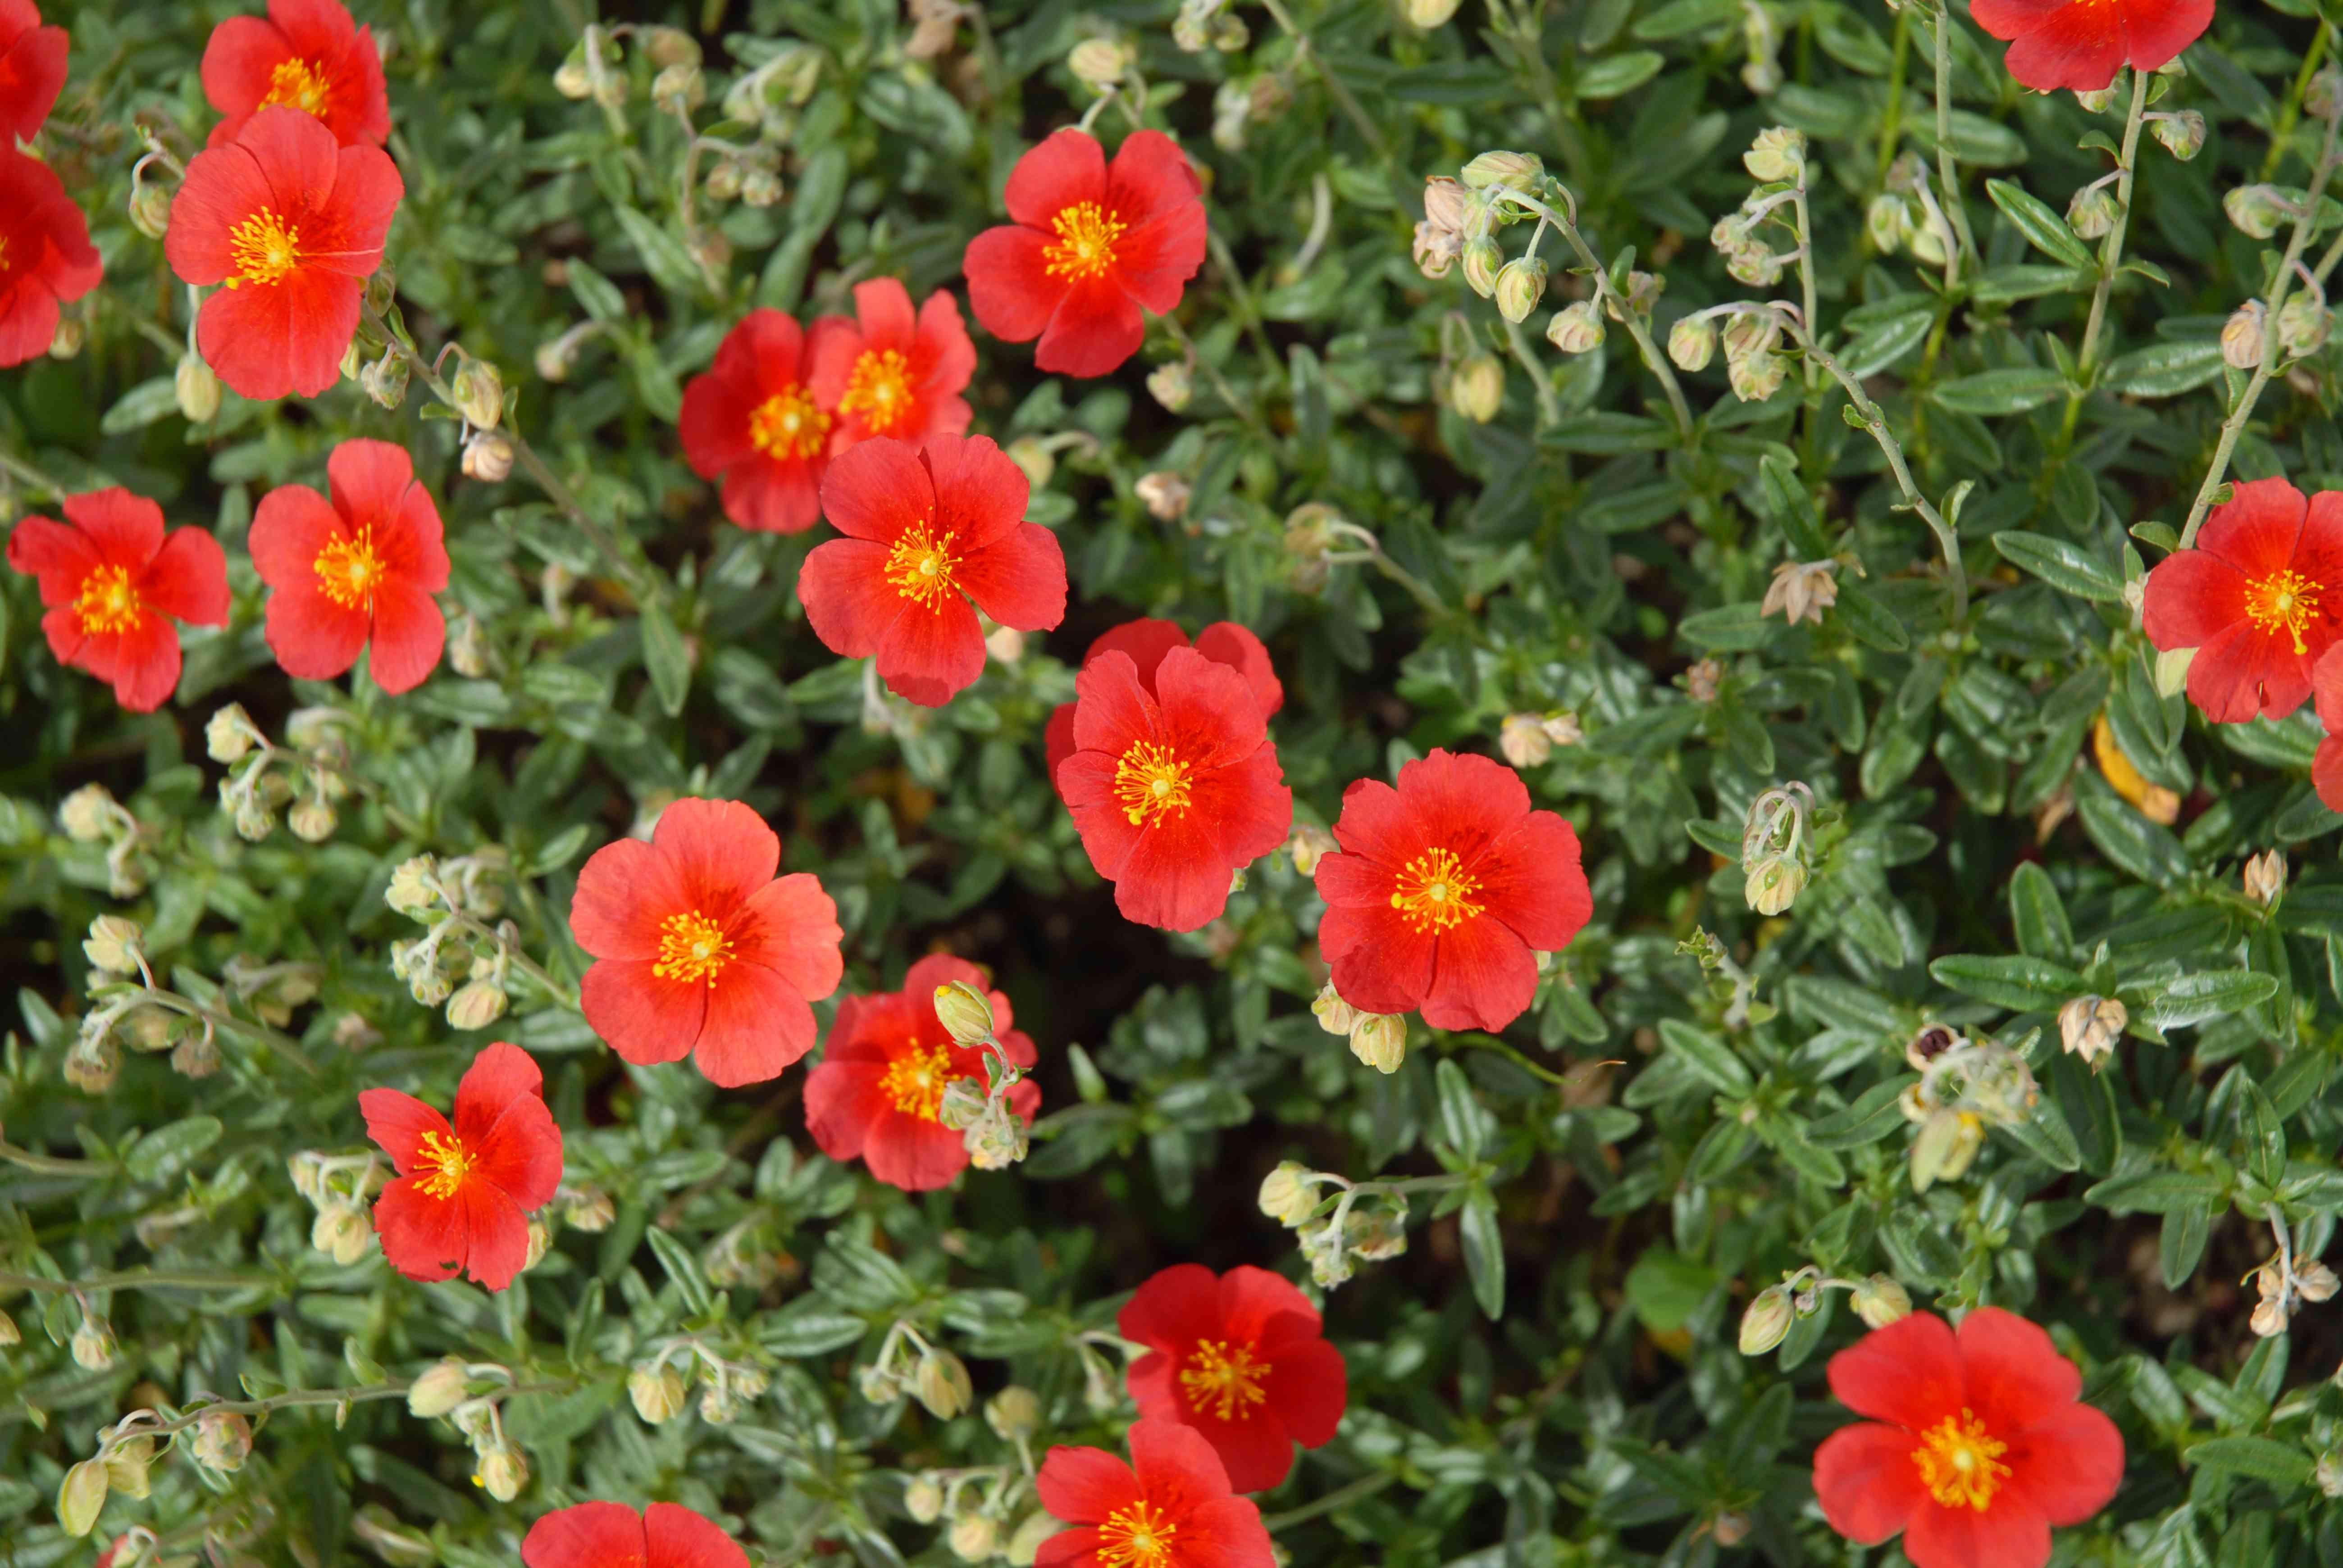 Arbusto de rosas de roca rojo anaranjado